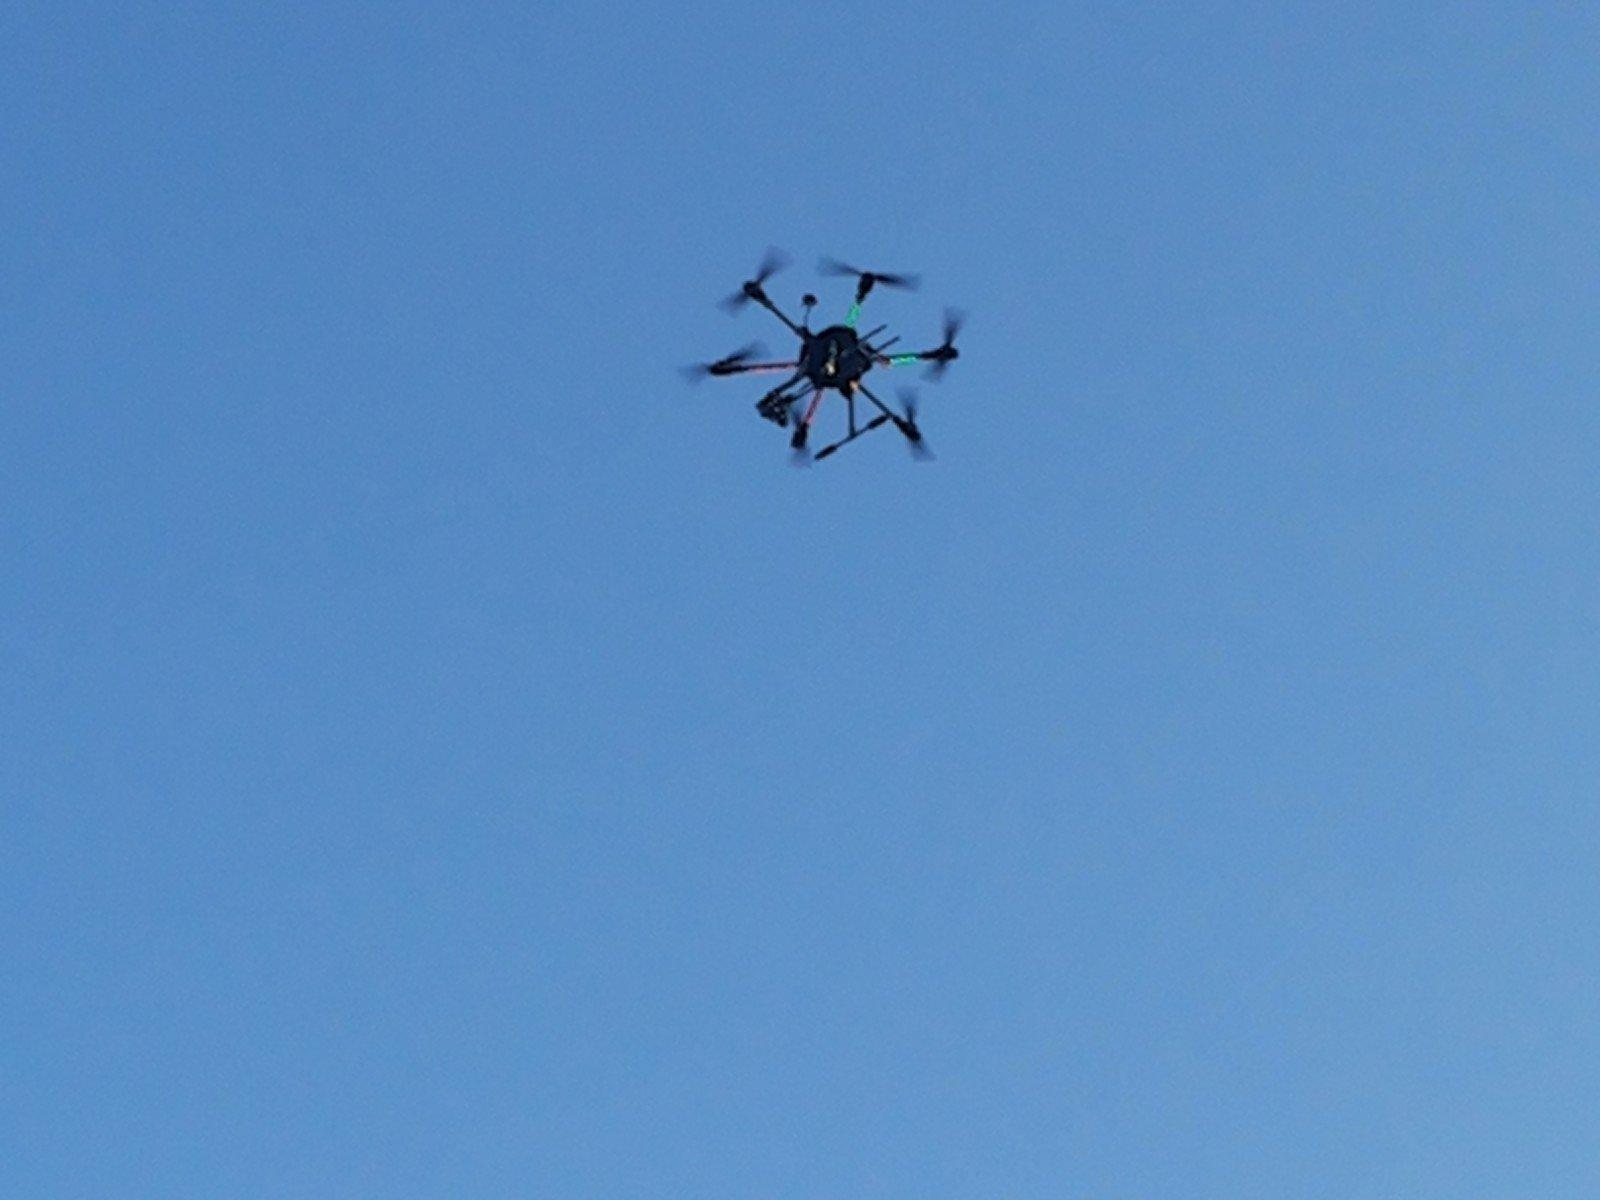 Таможенники Литвы зафиксировали дрон, вылетевший отКалининграда